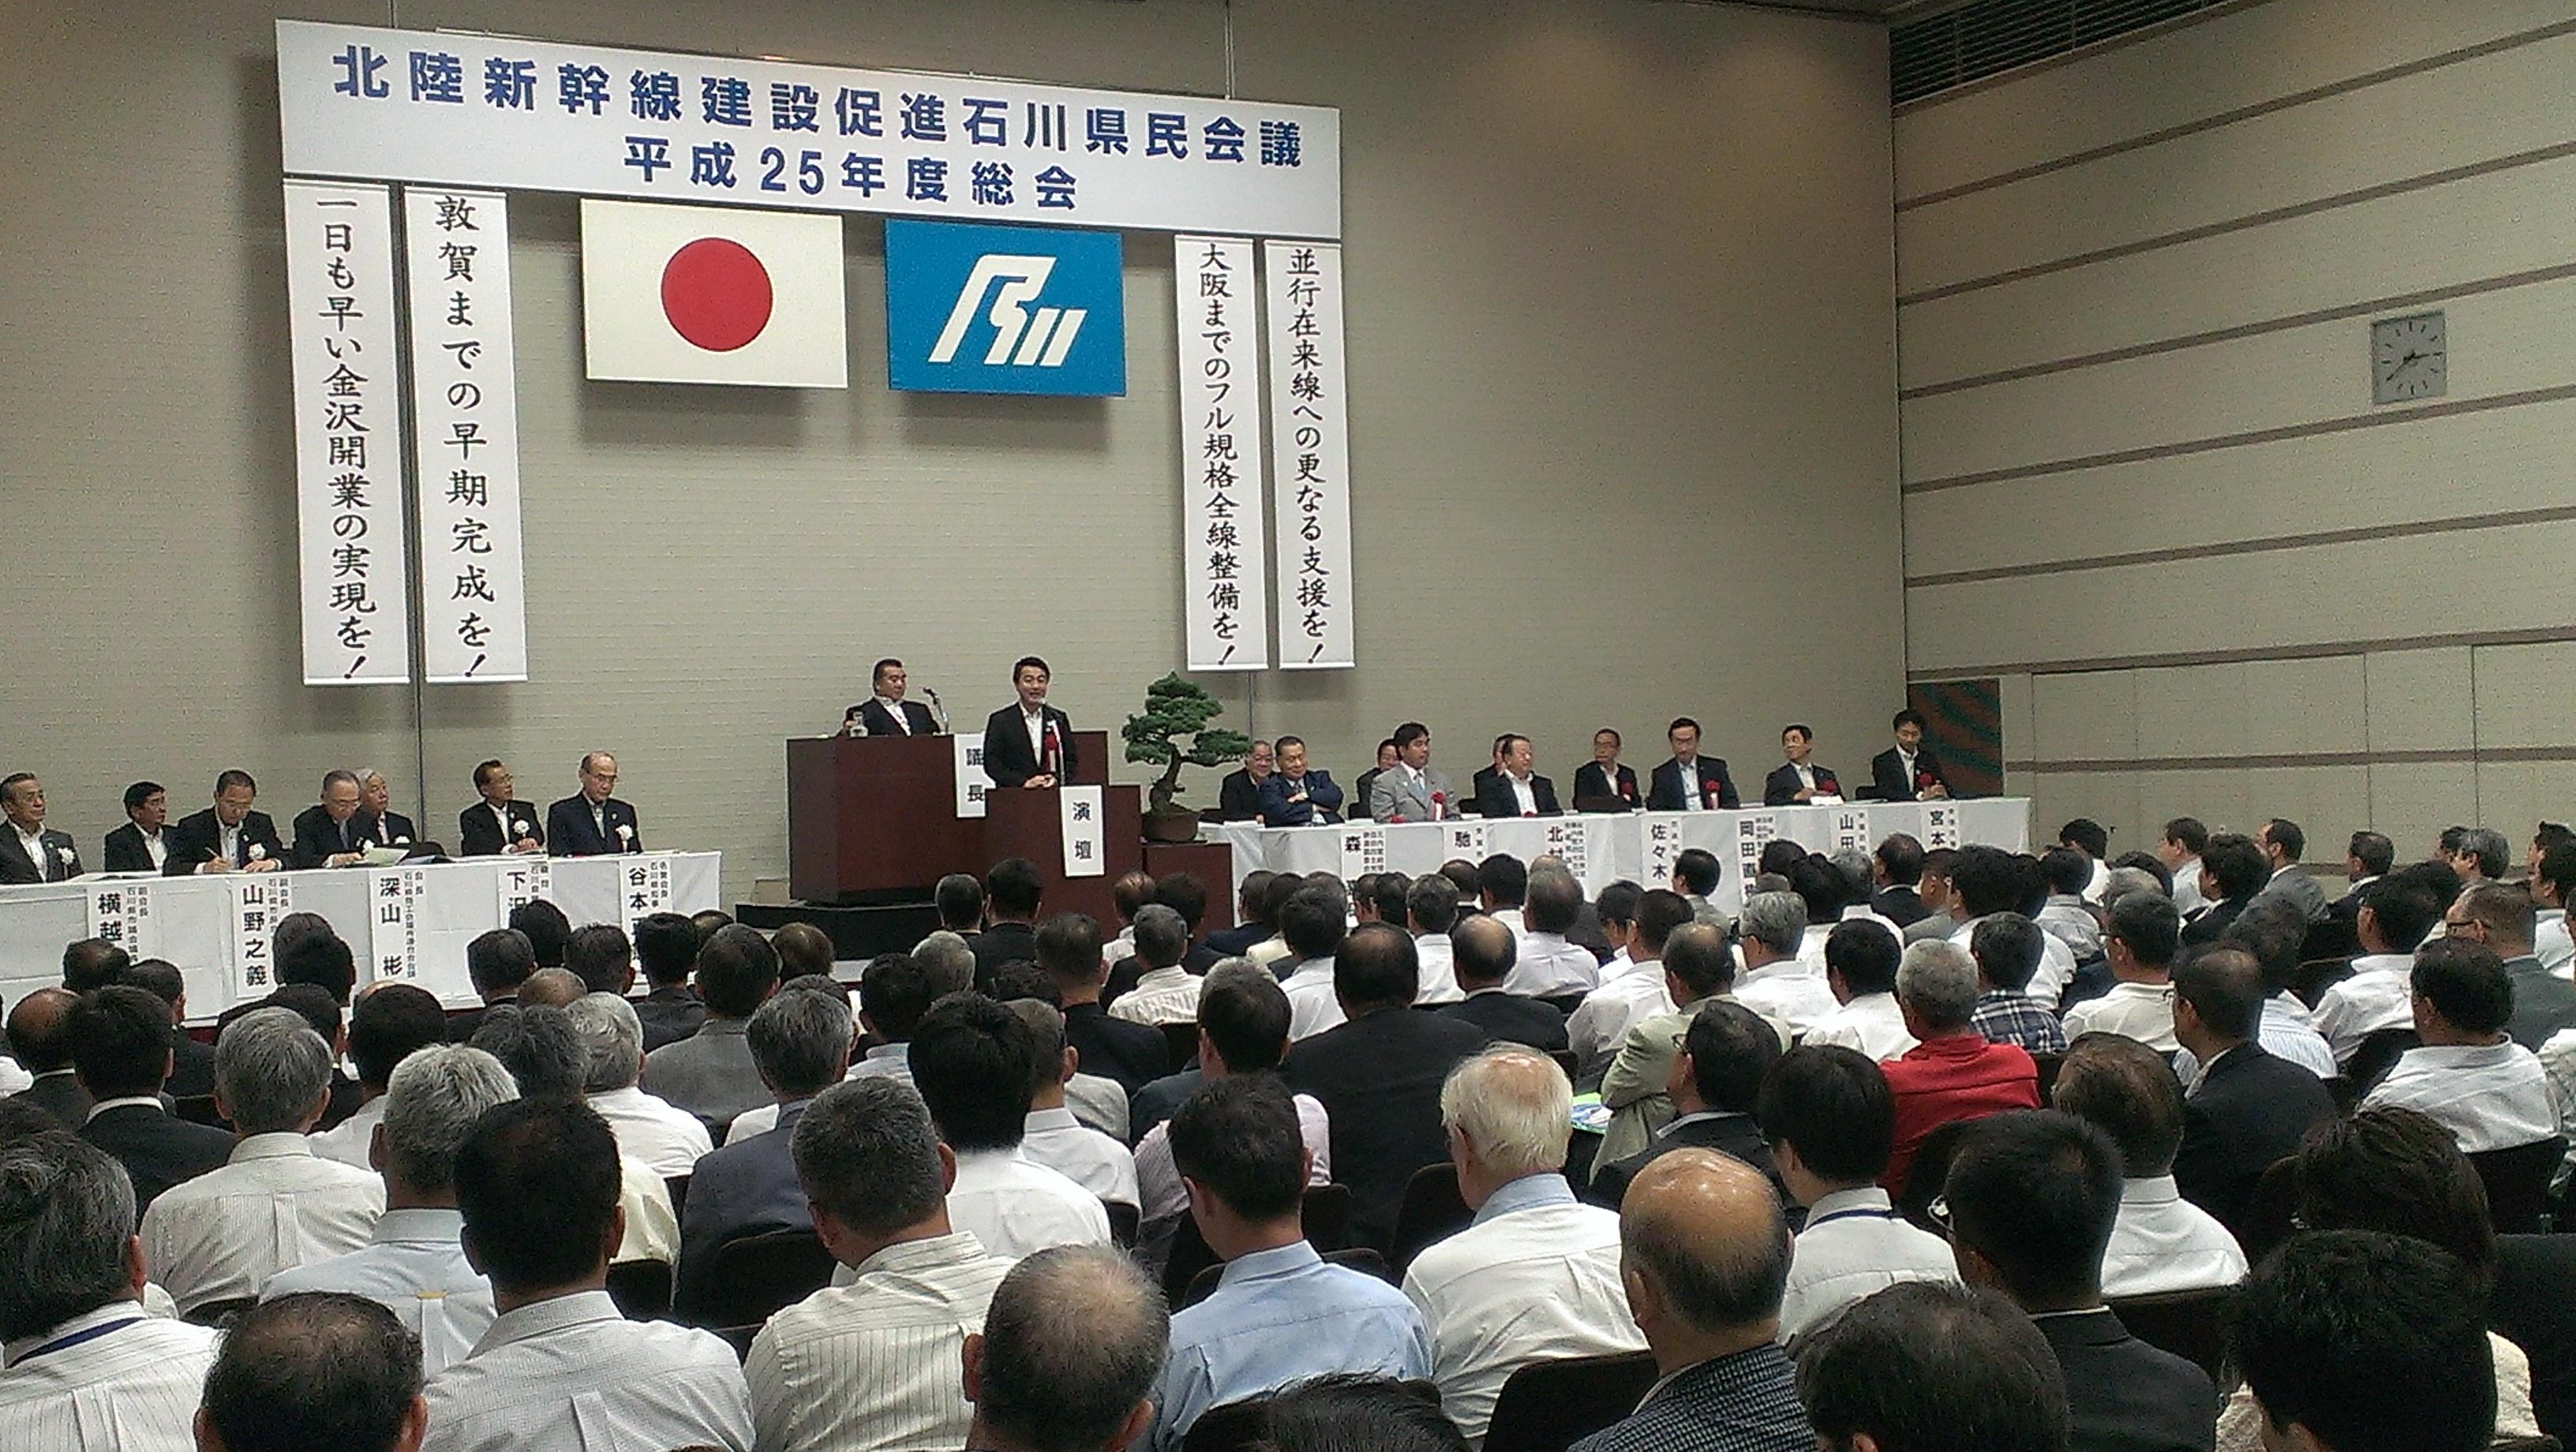 H25.8.10北陸新幹線建設促進石川県民会議